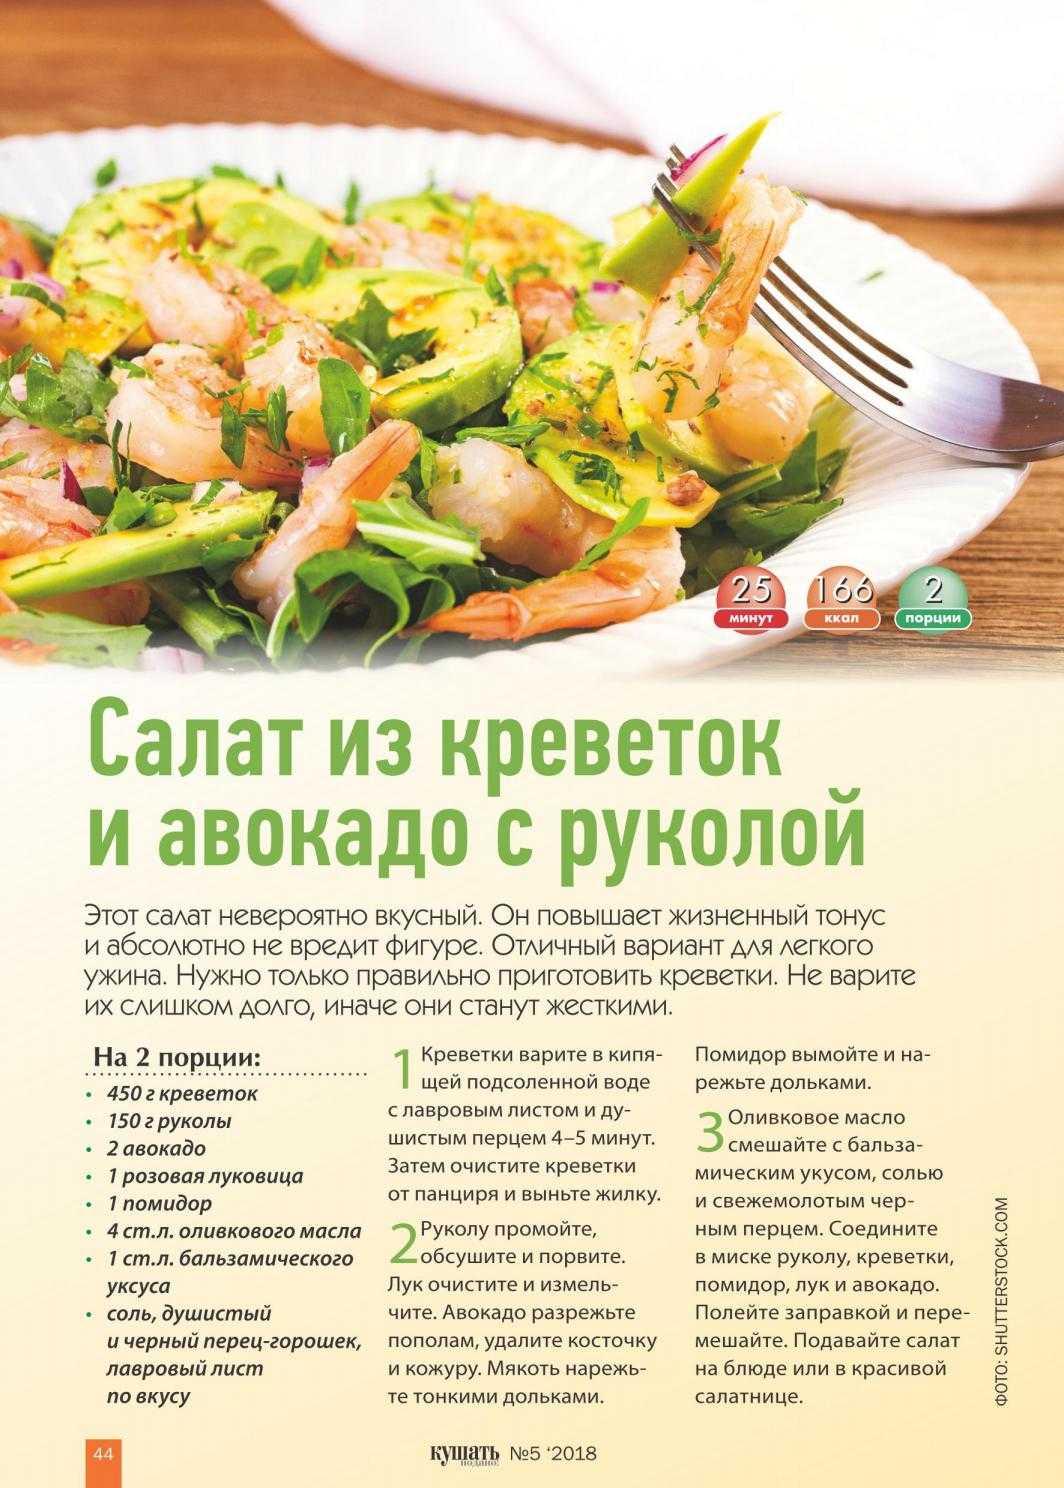 Салаты из морепродуктов - 20 простых, вкусных и недорогих рецептов